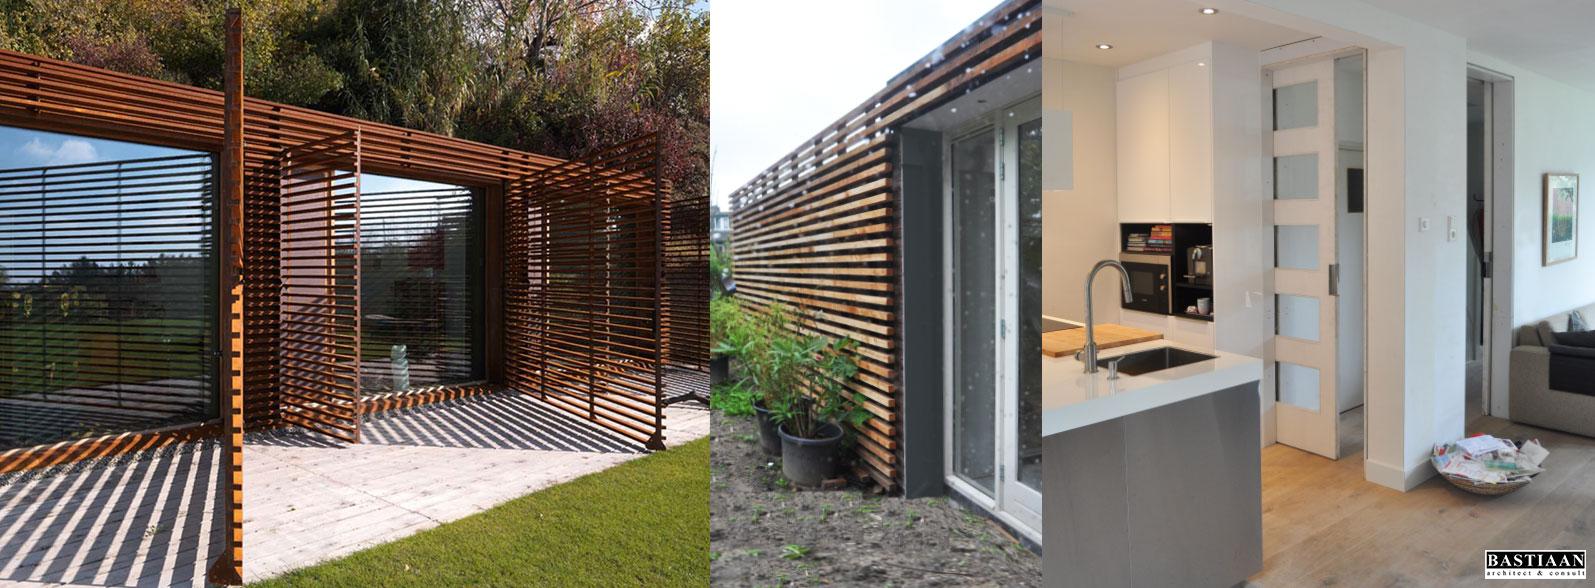 het kleine woonhuisarchitectuur | renovatie | nieuwbouw